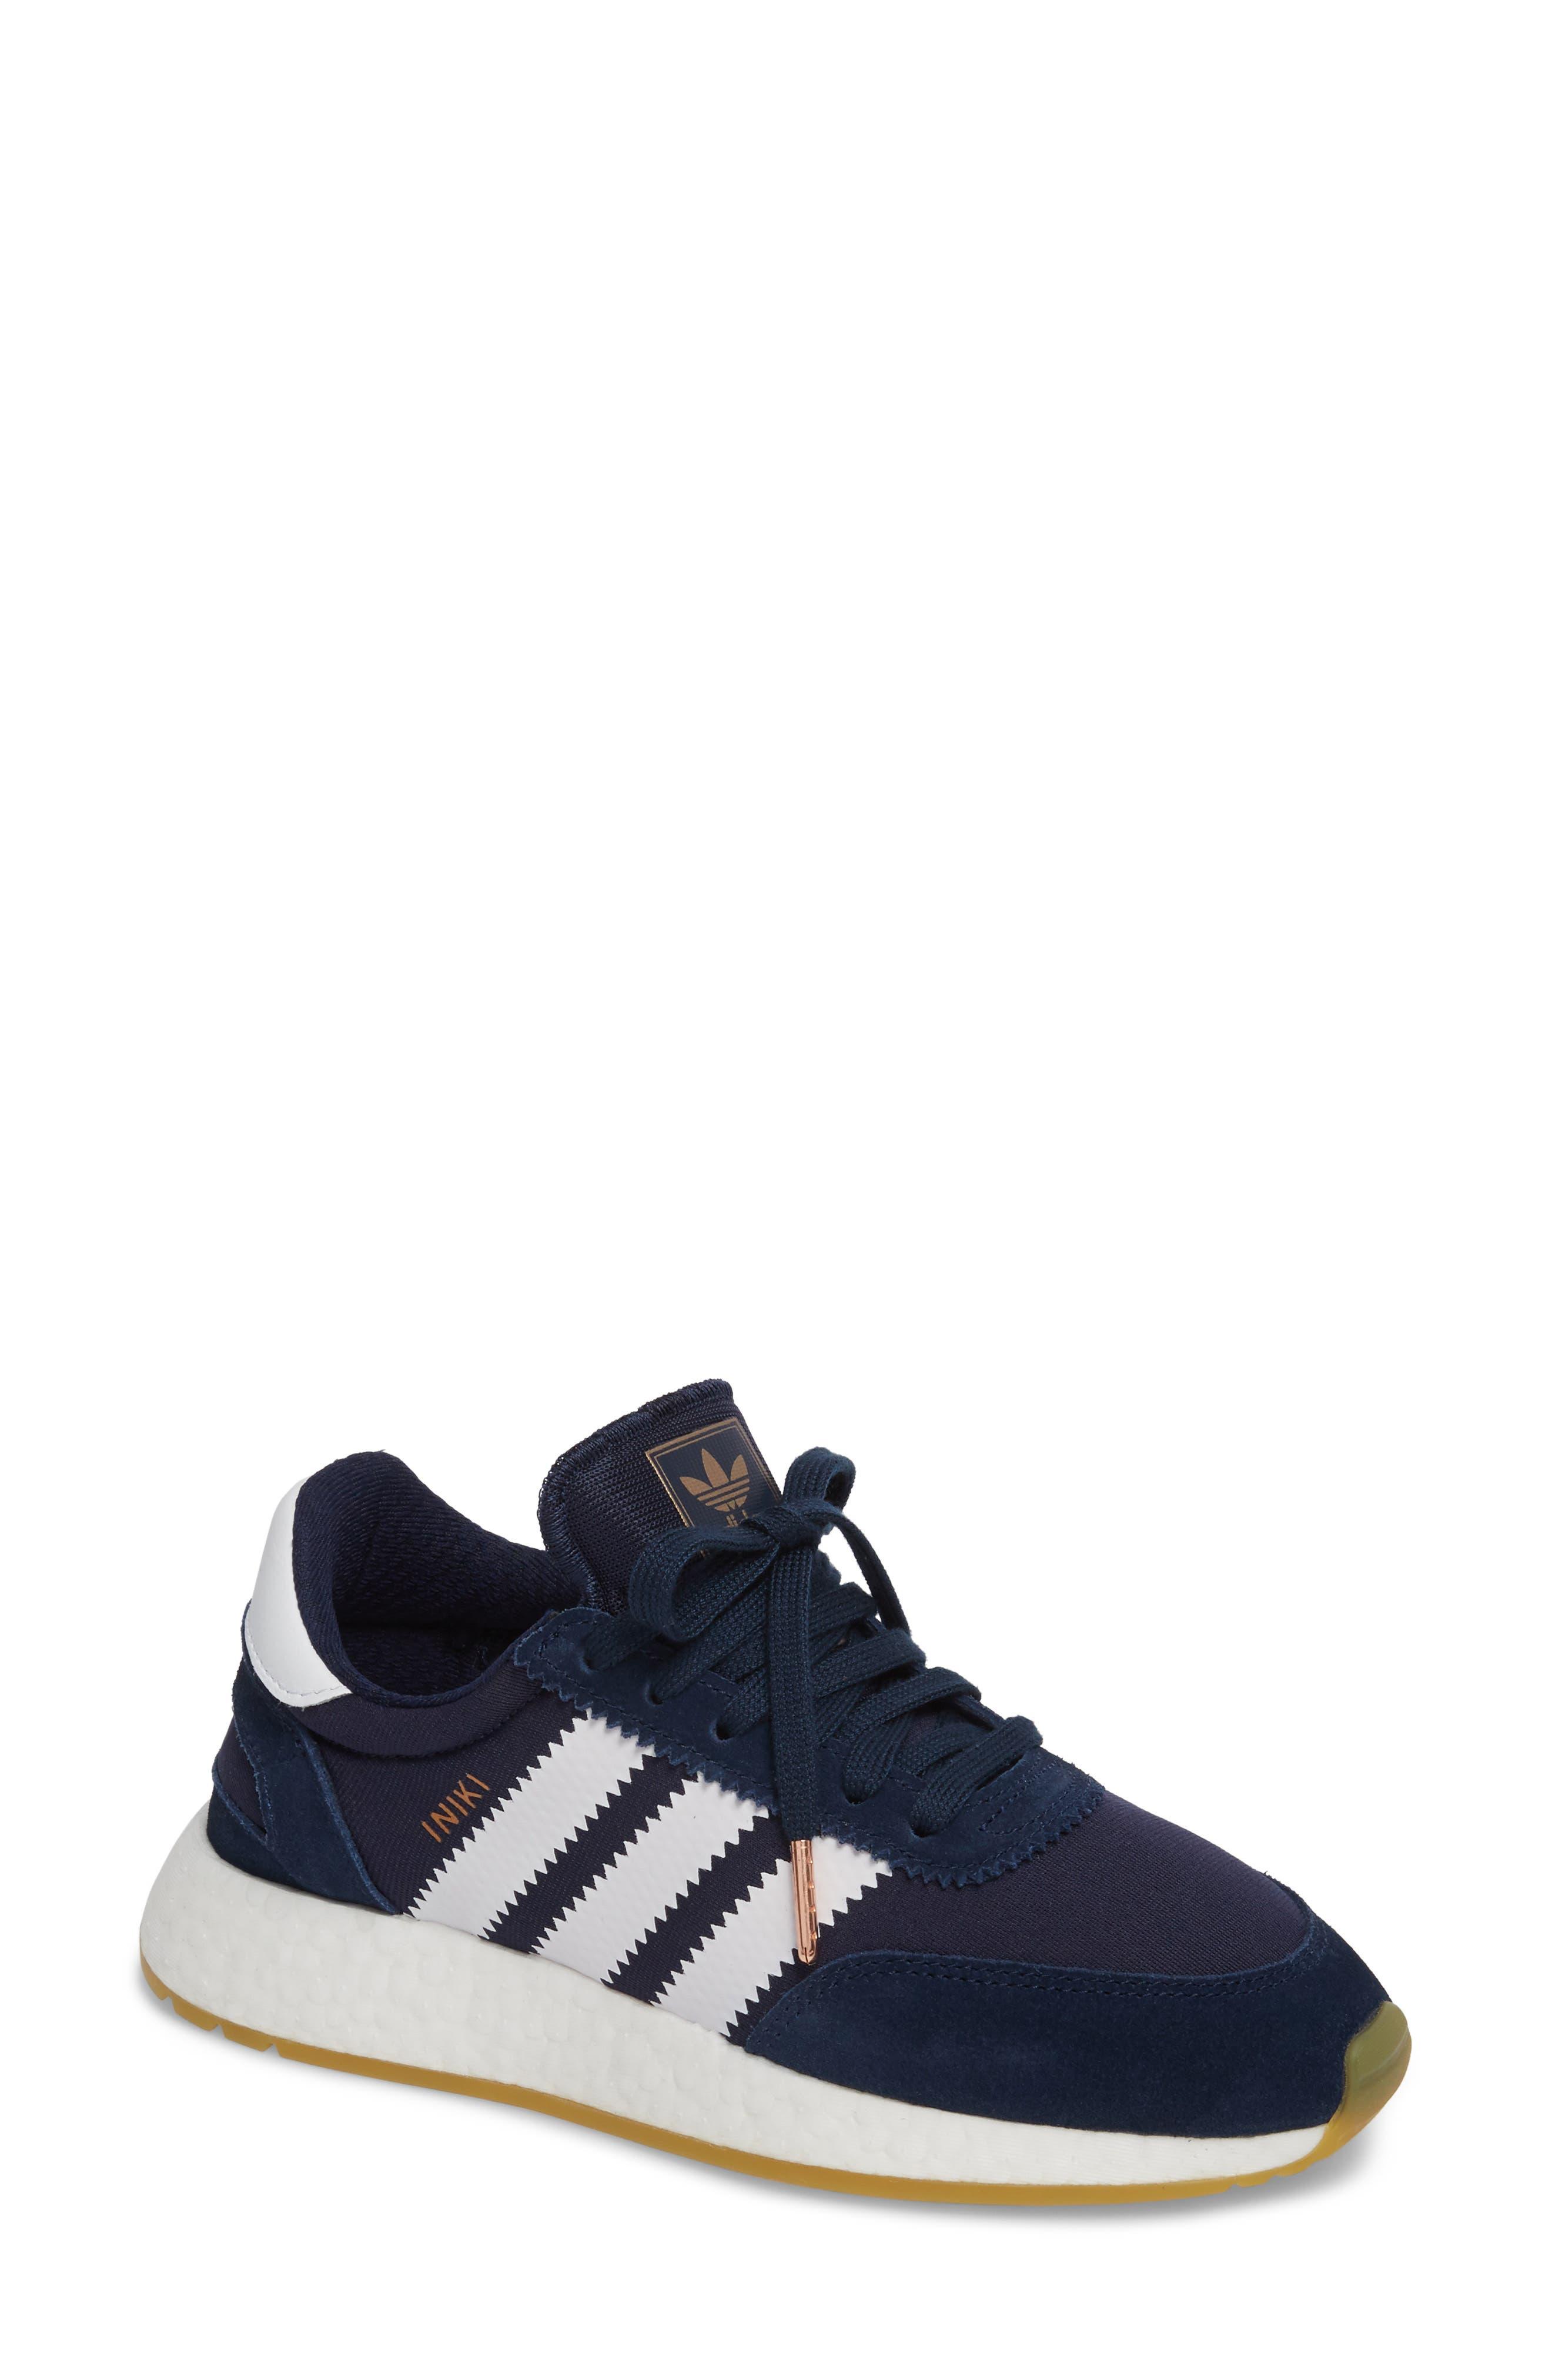 I-5923 Sneaker,                             Main thumbnail 1, color,                             Navy/ White/ Gum